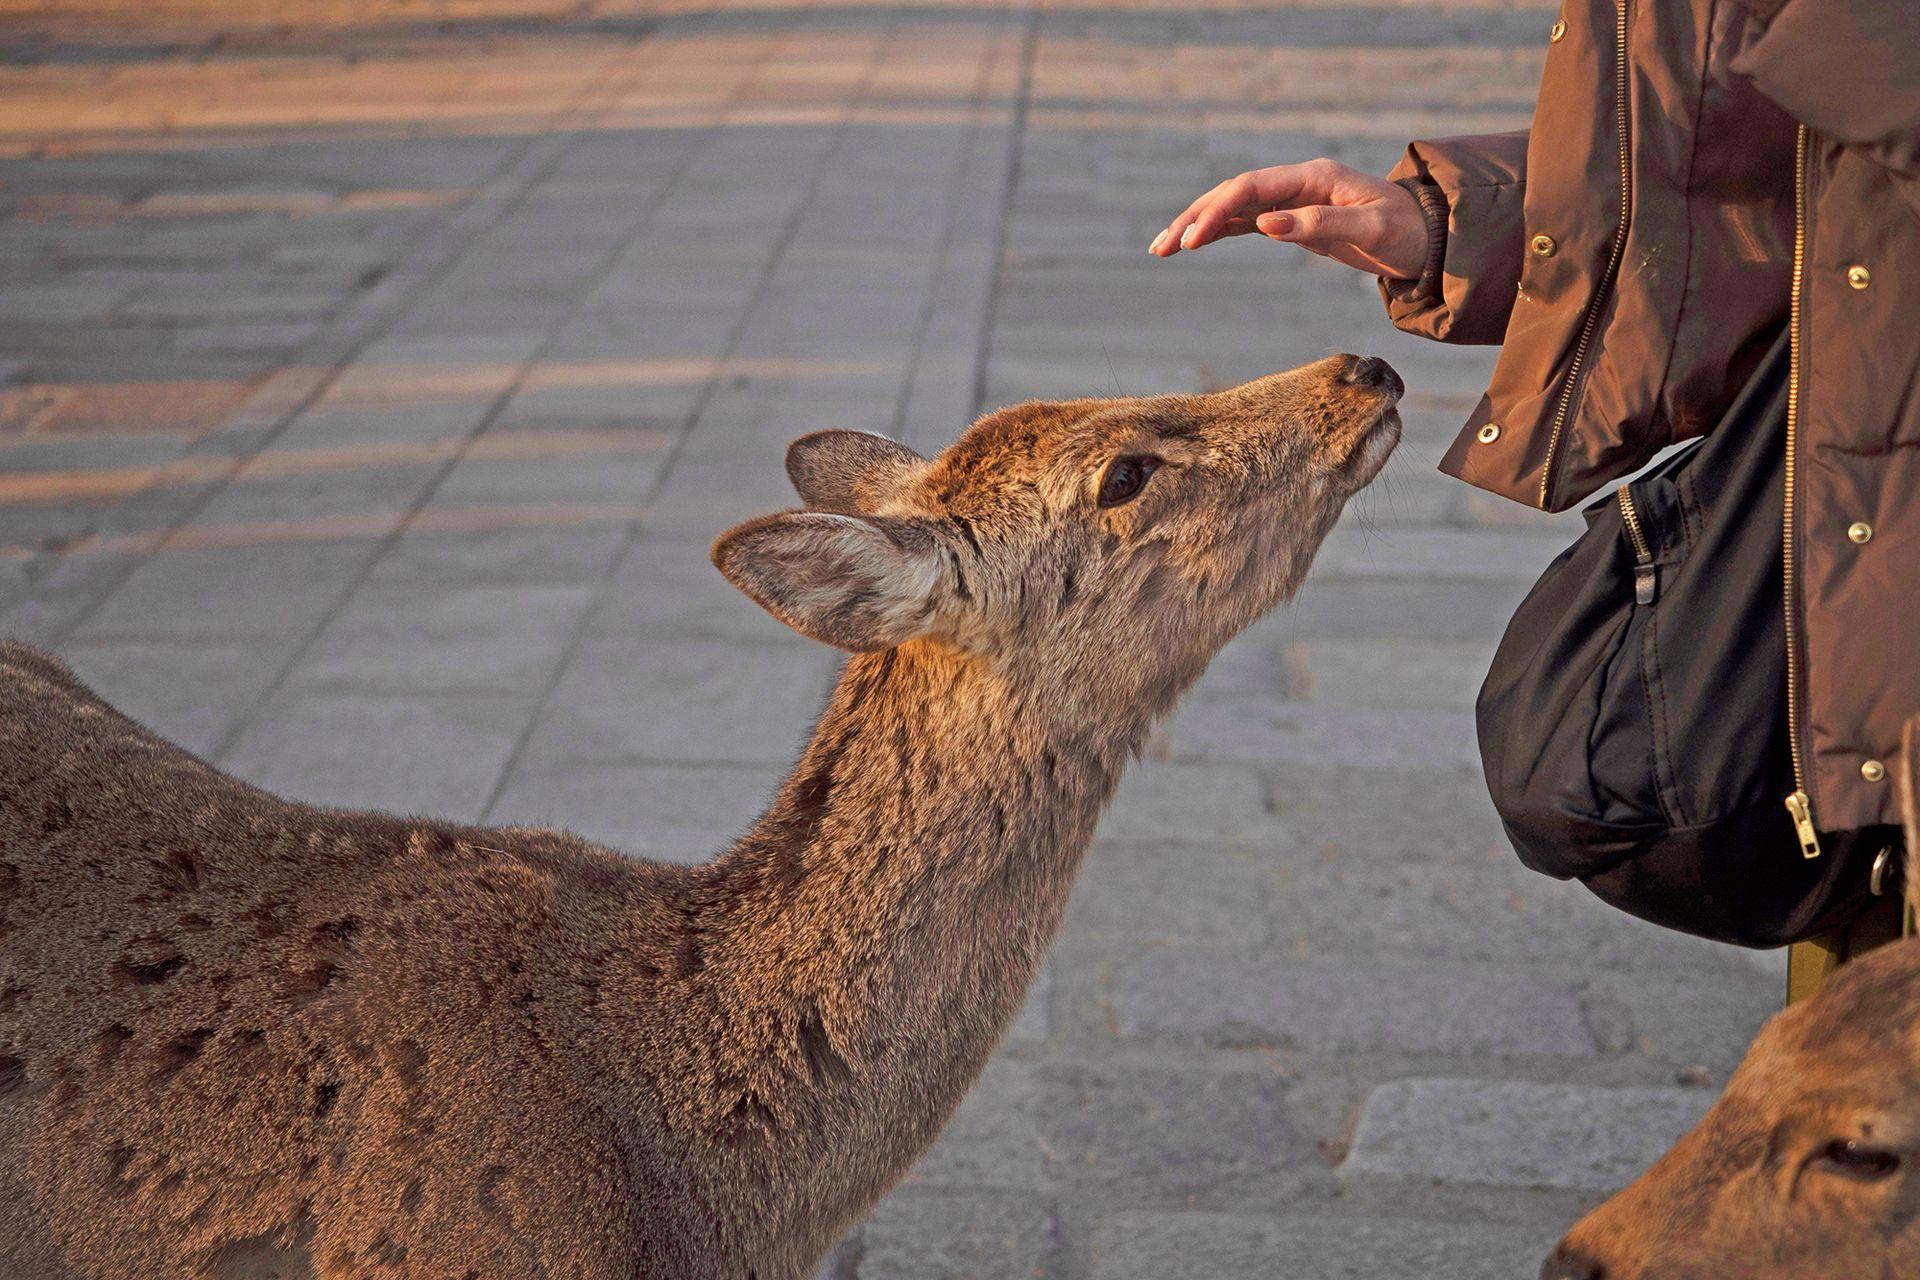 """En Nara se pueden comprar """"Galletas para ciervos"""" que los turistas les dan a los ciervos, hechas con harina de trigo y sin azúcar"""